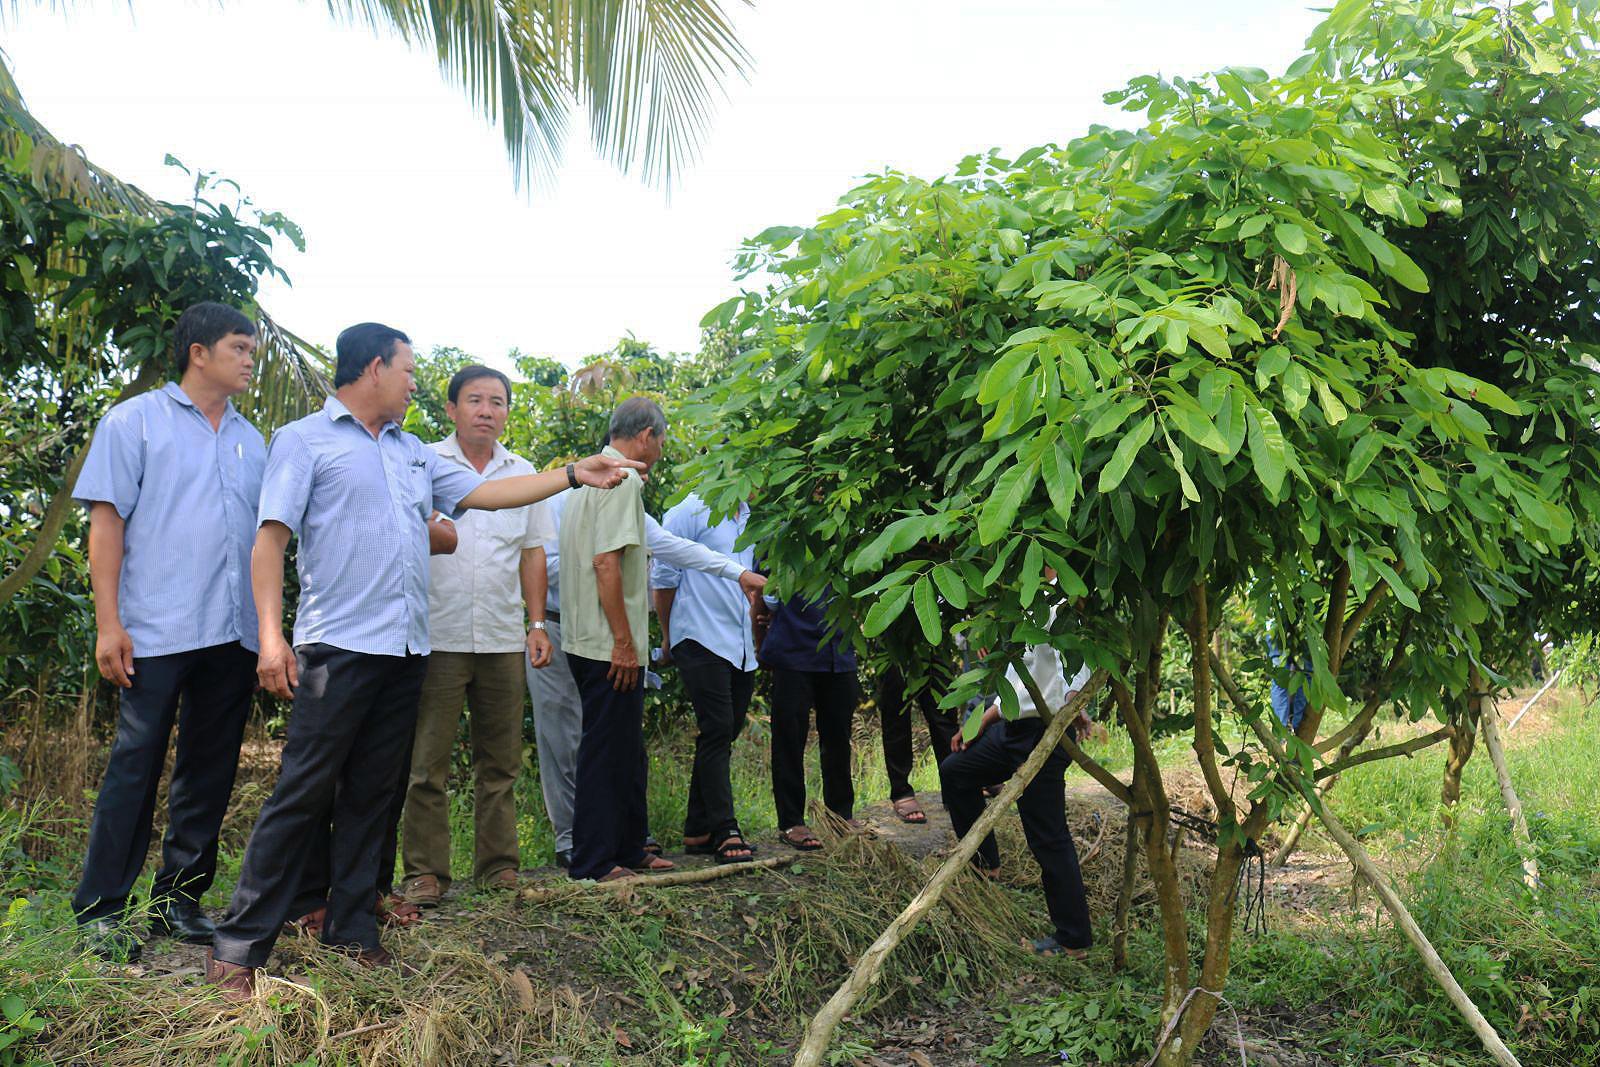 Nông dân tham quan thực tế tại một vườn cây ở xã Thới Hưng nhân dịp tham dự hội thảo.